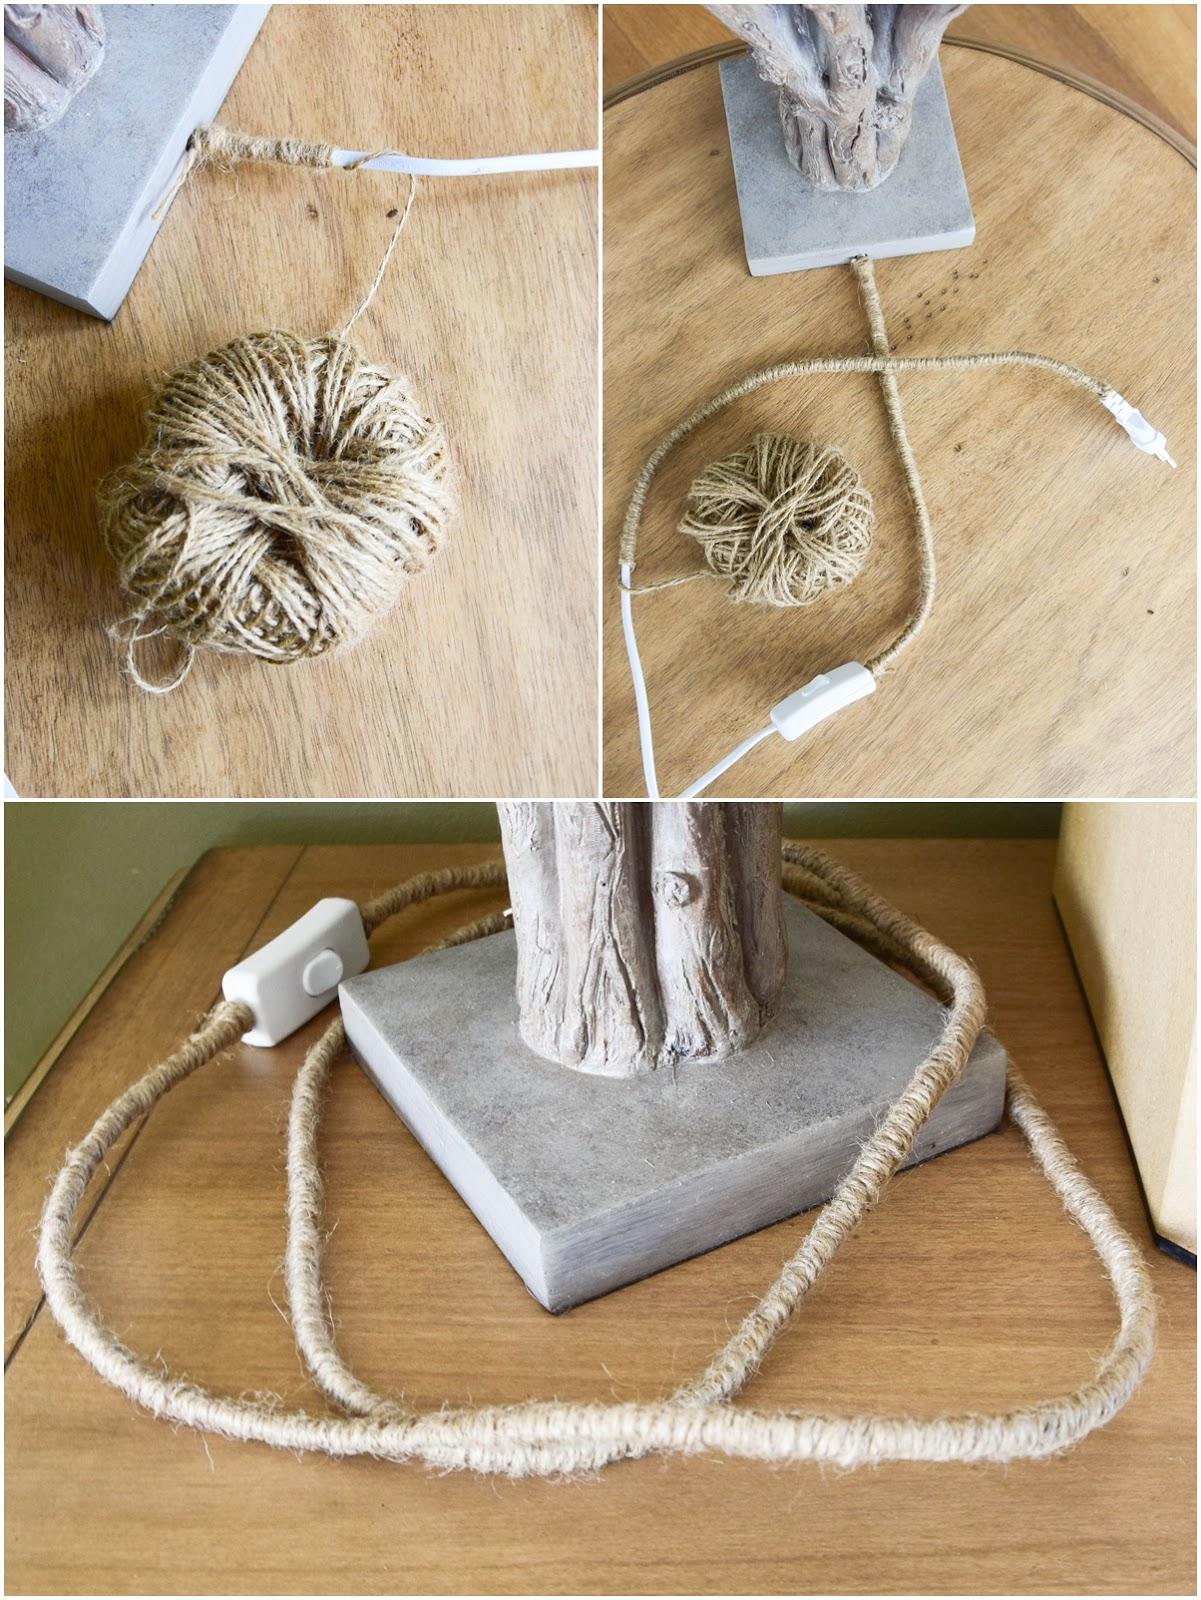 DIY.: Einfache Verschönerung von Stromkabel einer Tischlampe selber machen selbst gemacht